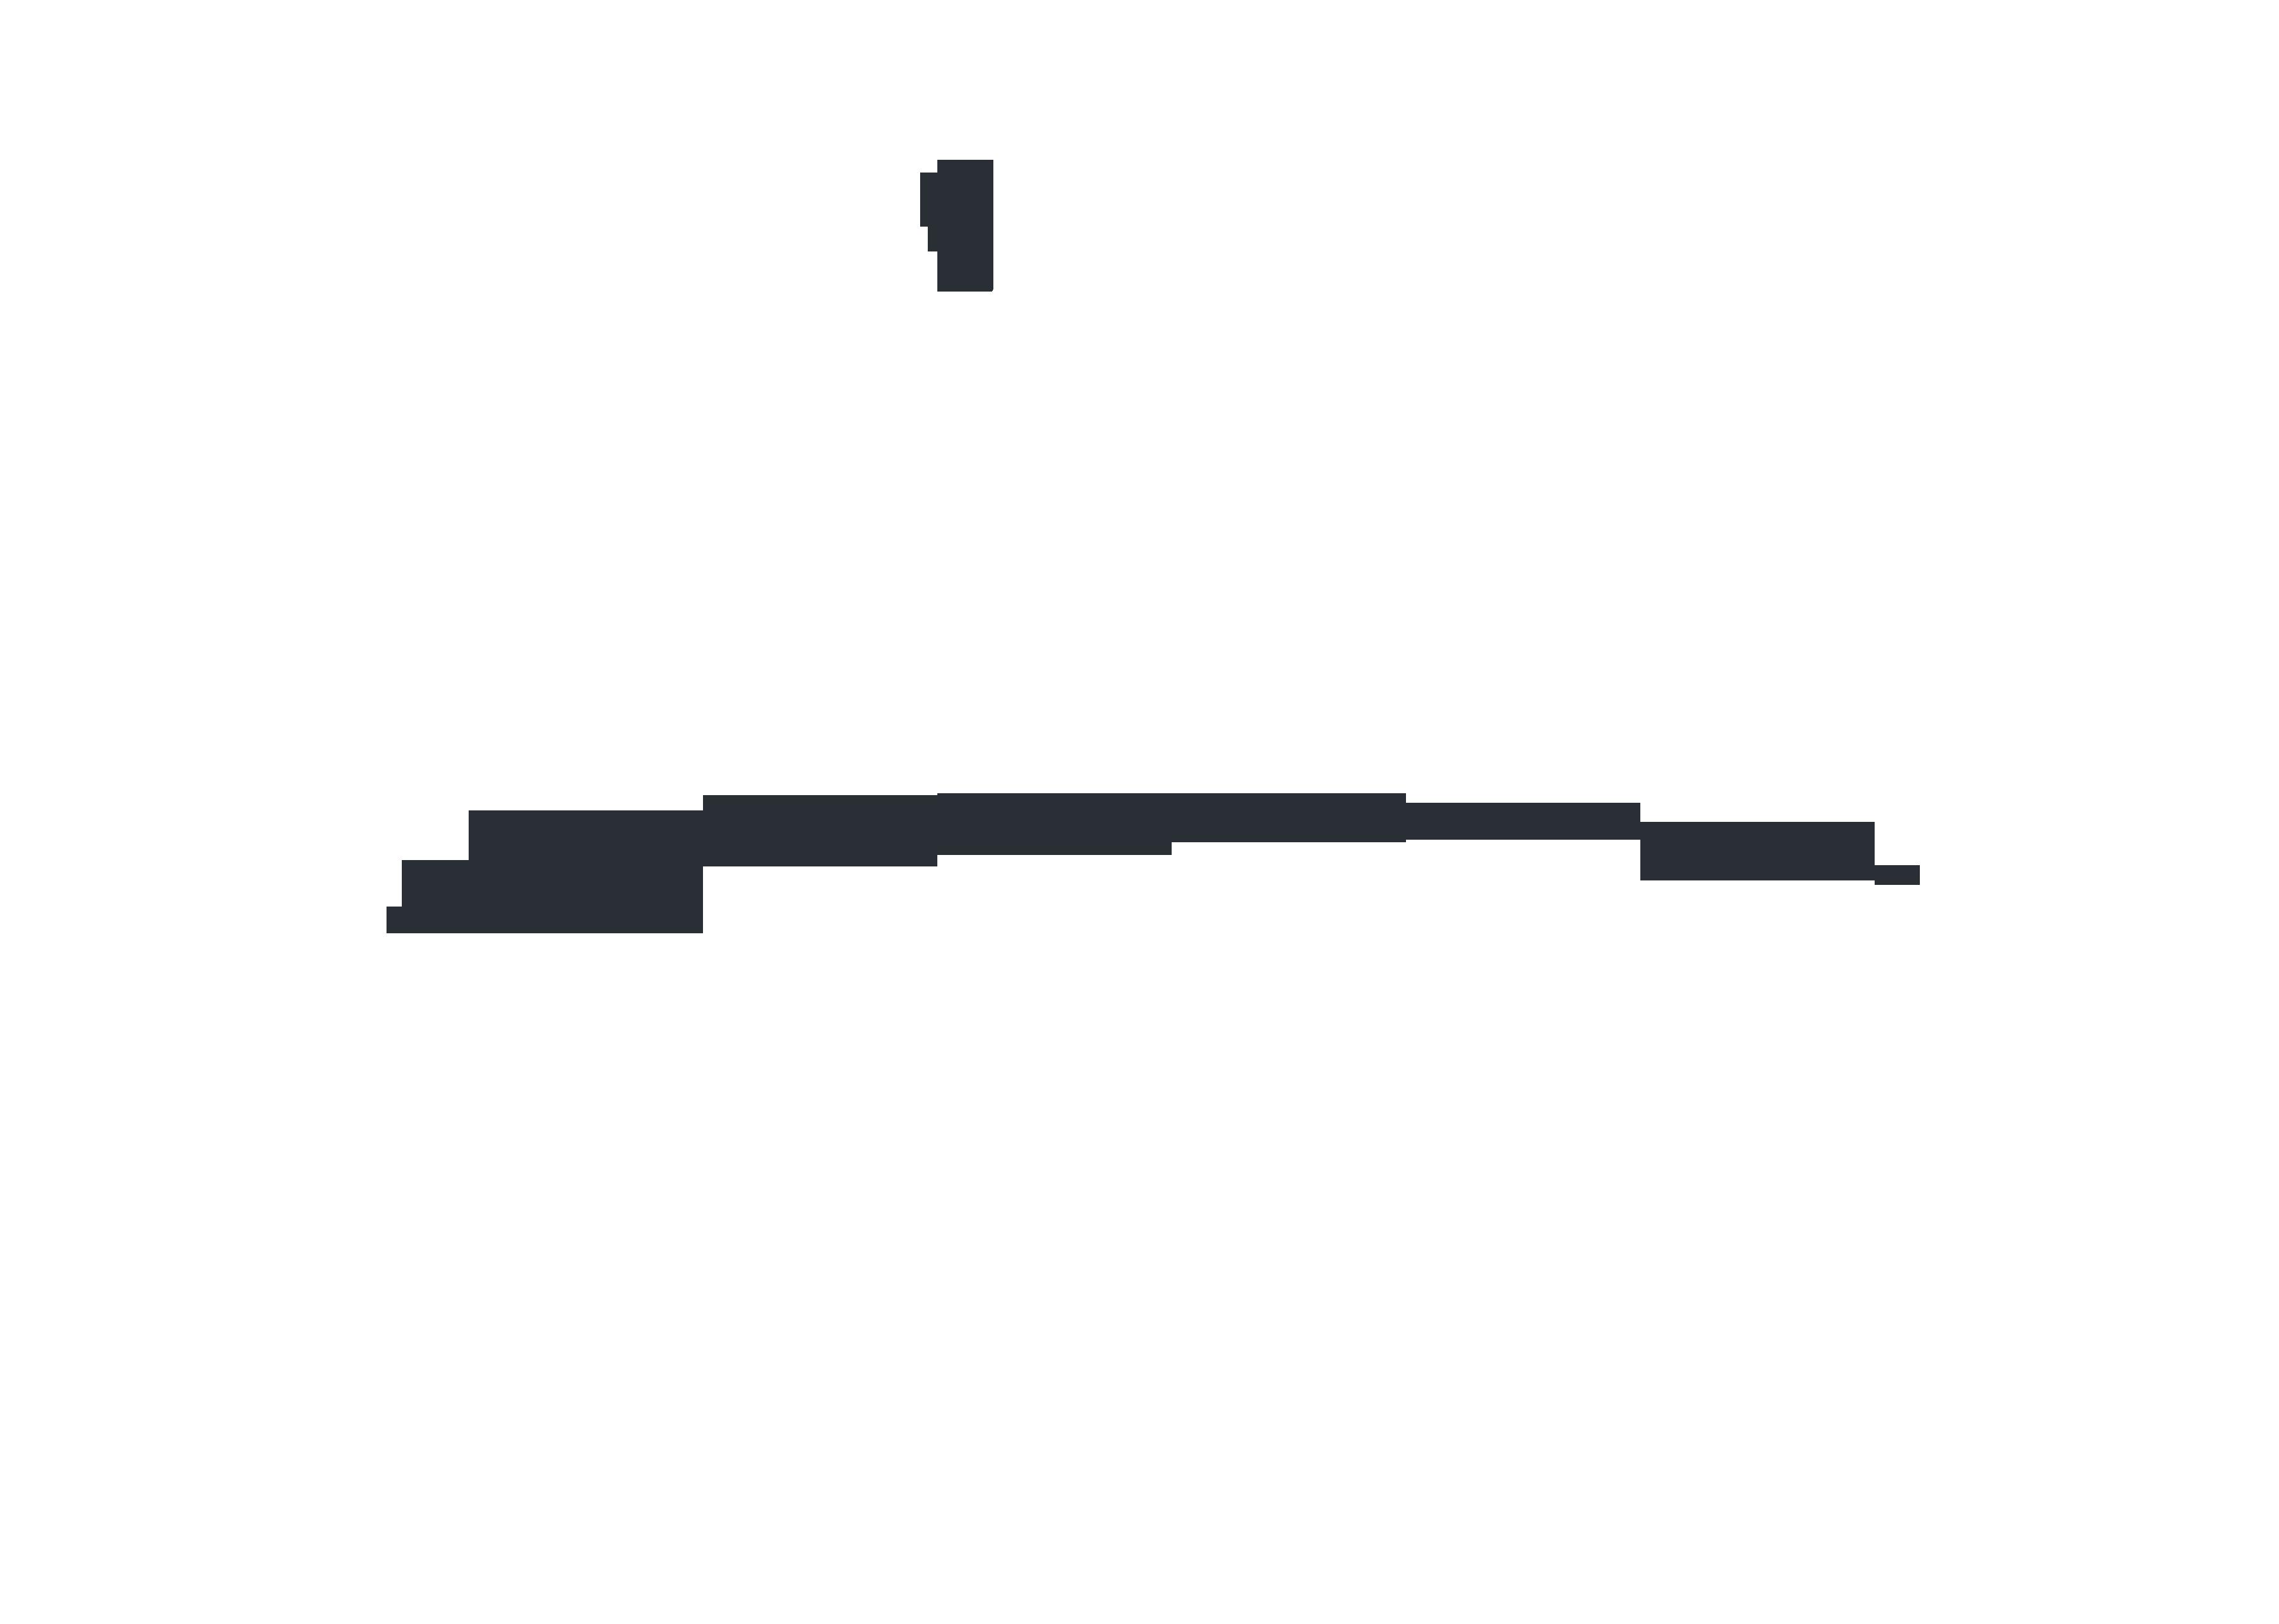 Motselmi Architects